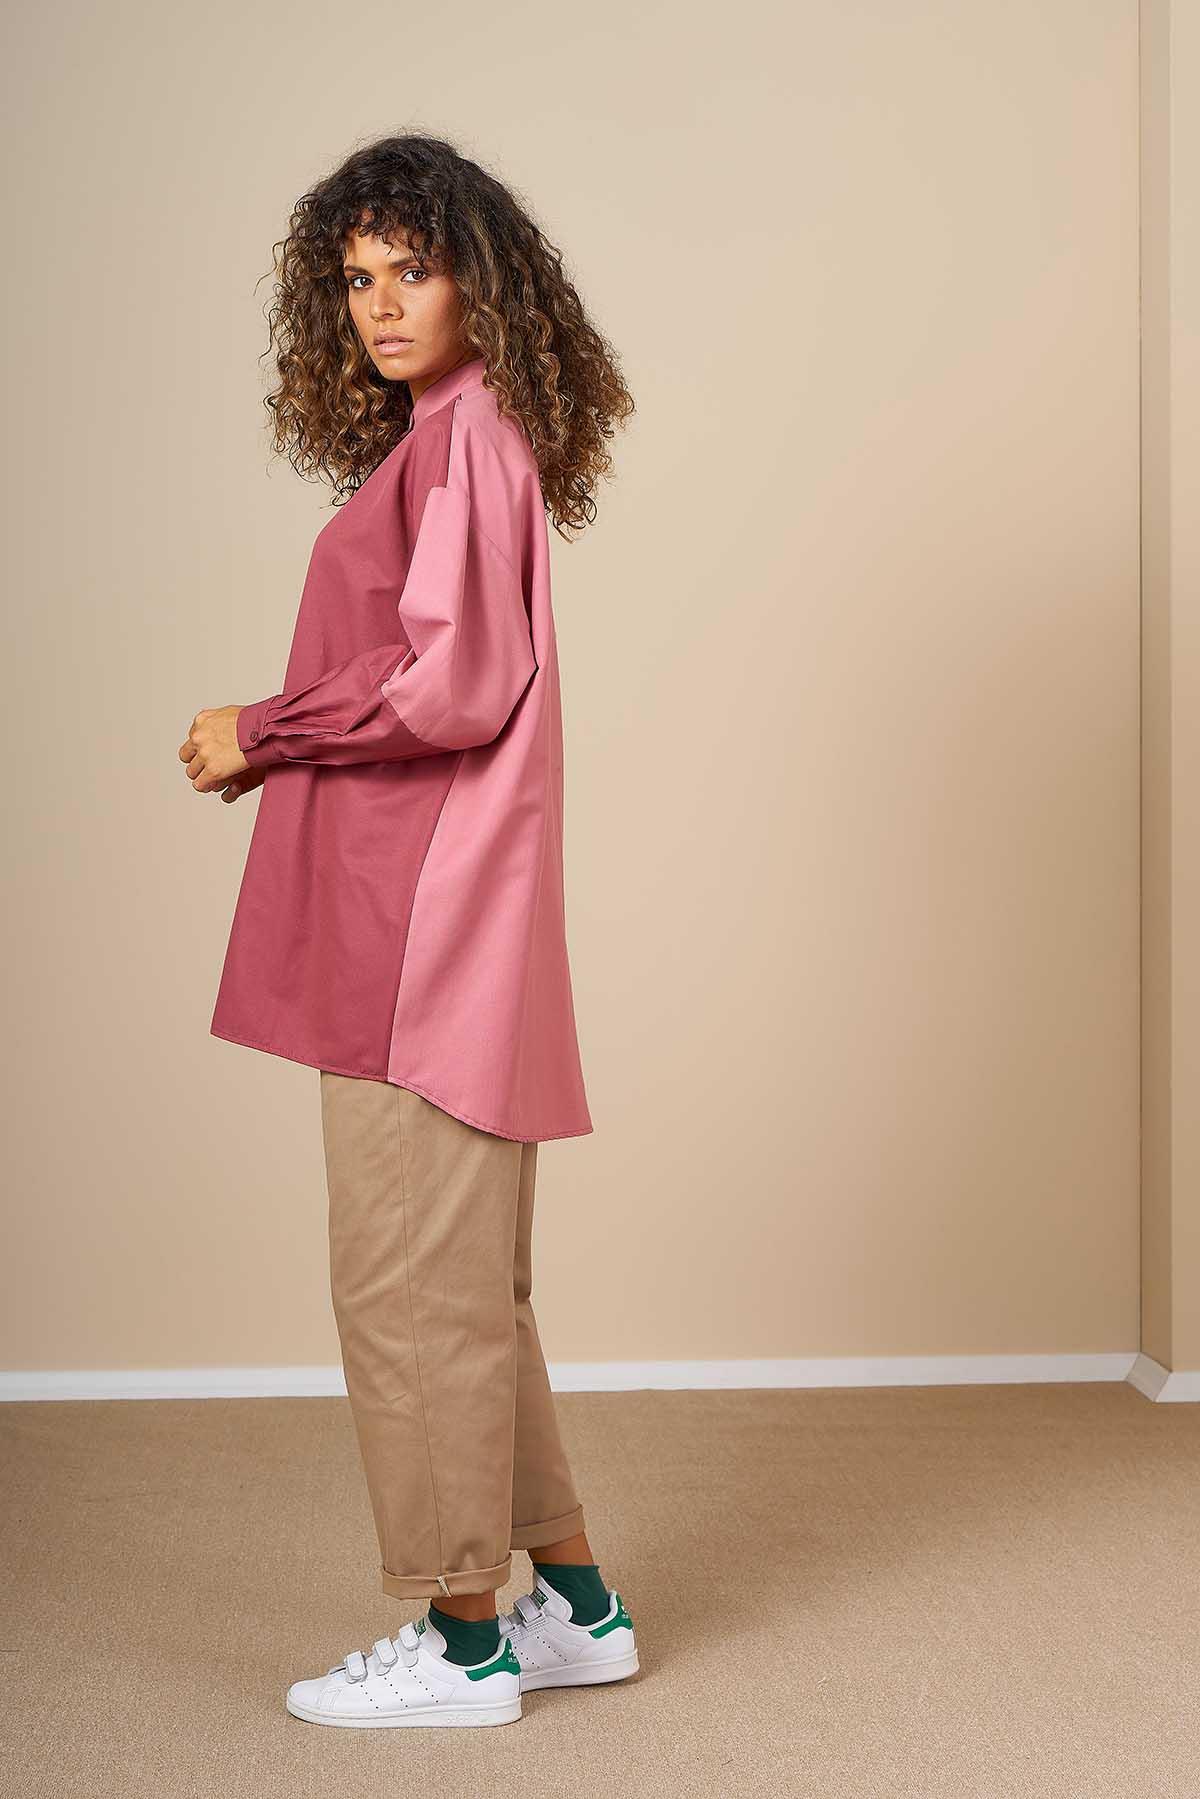 Mevra - İki Renk Tunik Gülkurusu